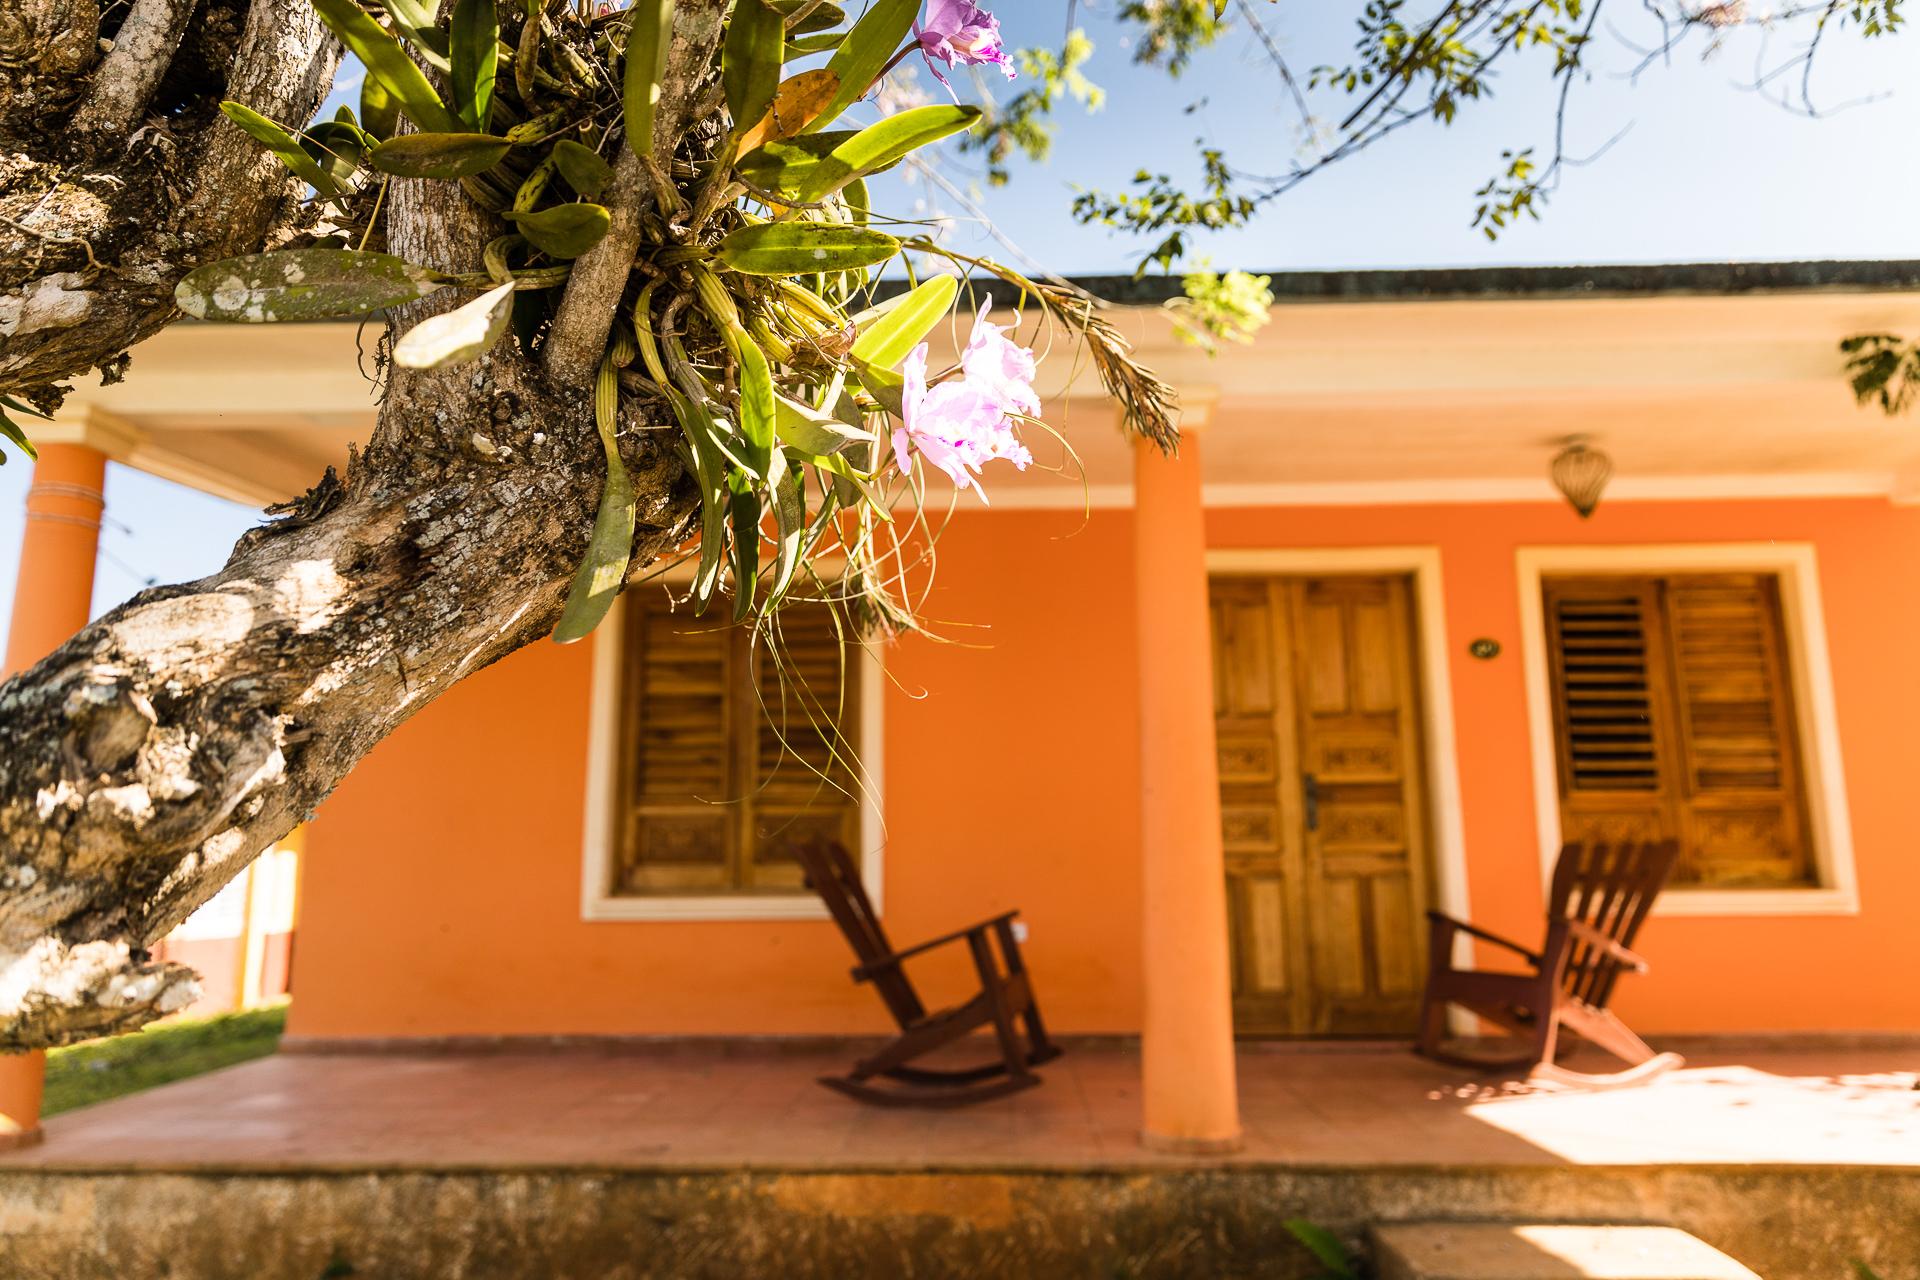 Kuba Tipps für eine Rundreise durch das Land in der Karibik